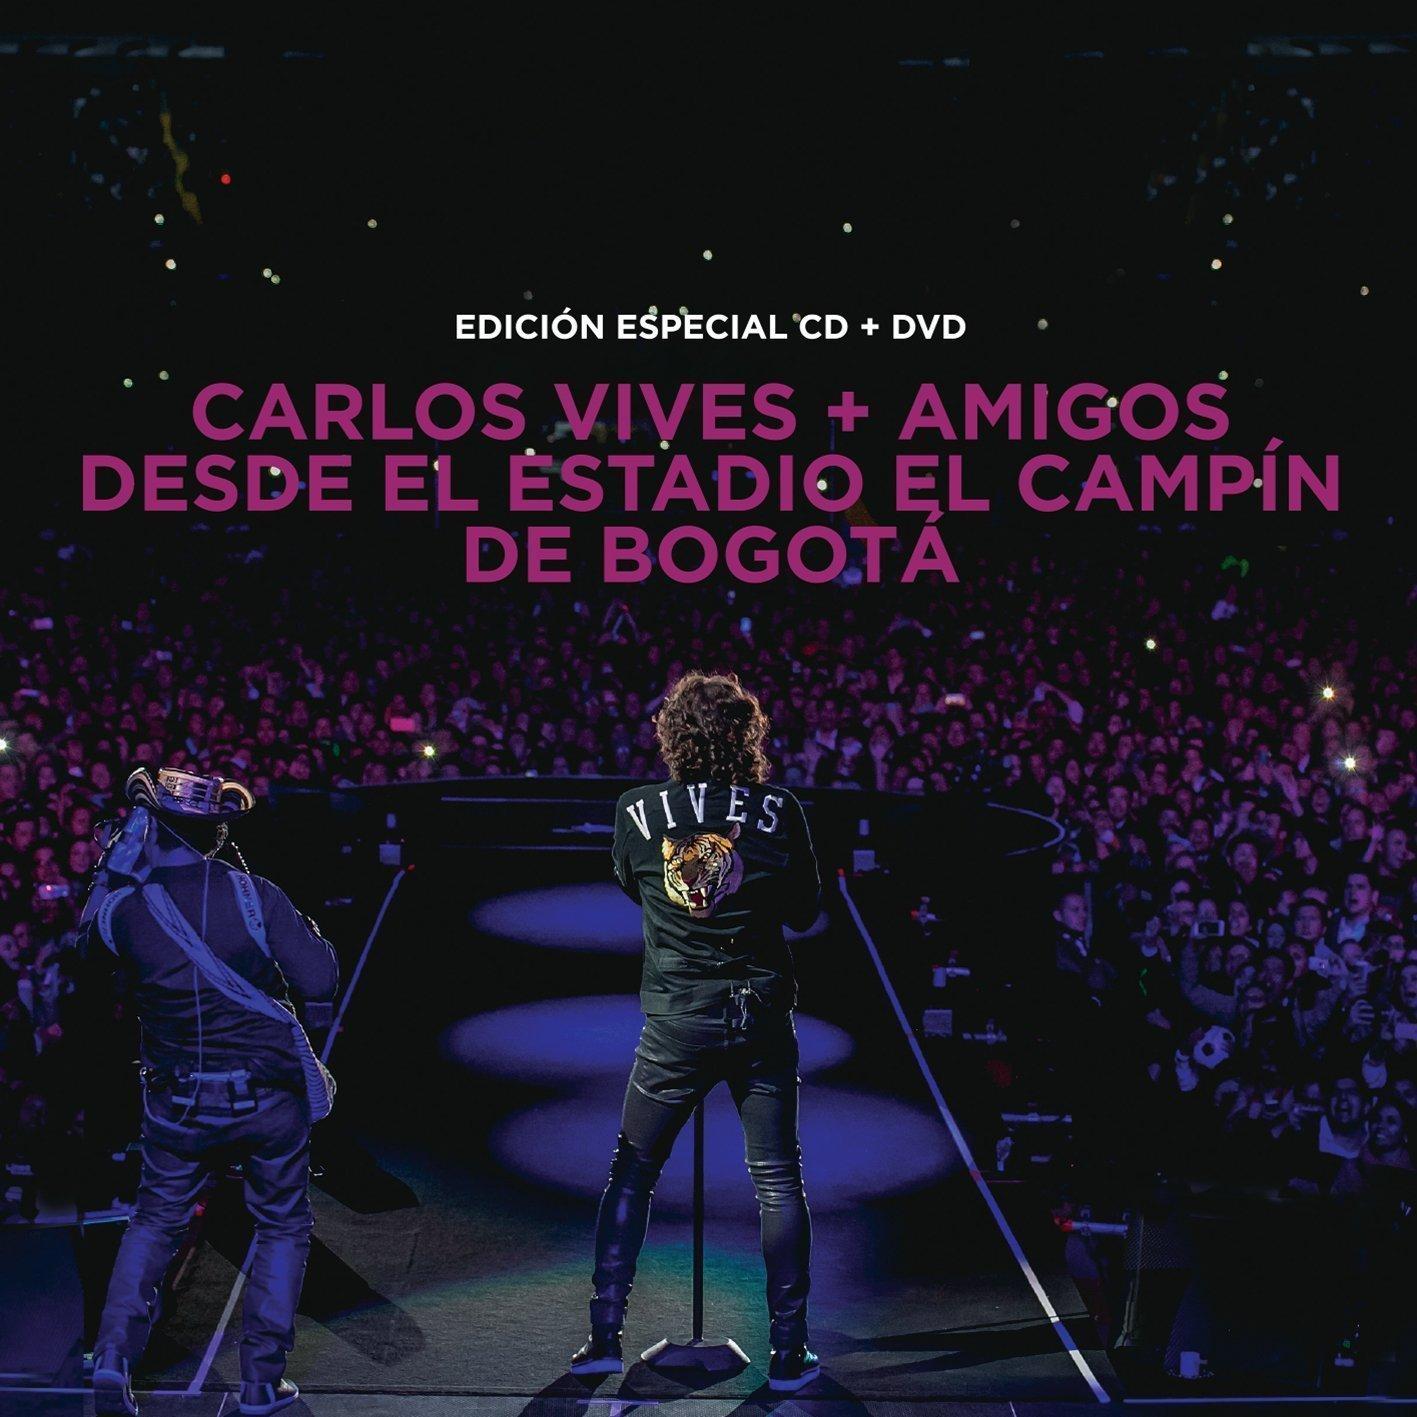 Carlos Vives (CD+DVD ''+Amigos Desde el Estadio El Campin de Bogota Sony-948628)